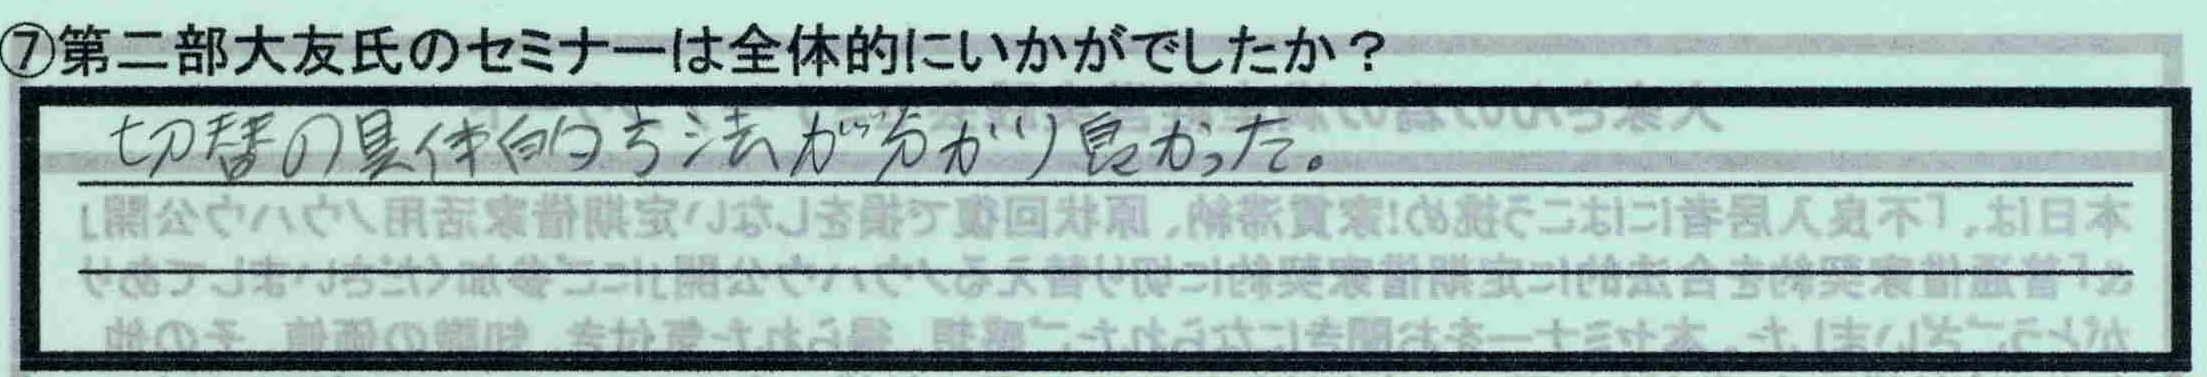 【東京都板橋区】【Y.Sさん】【二部感想】